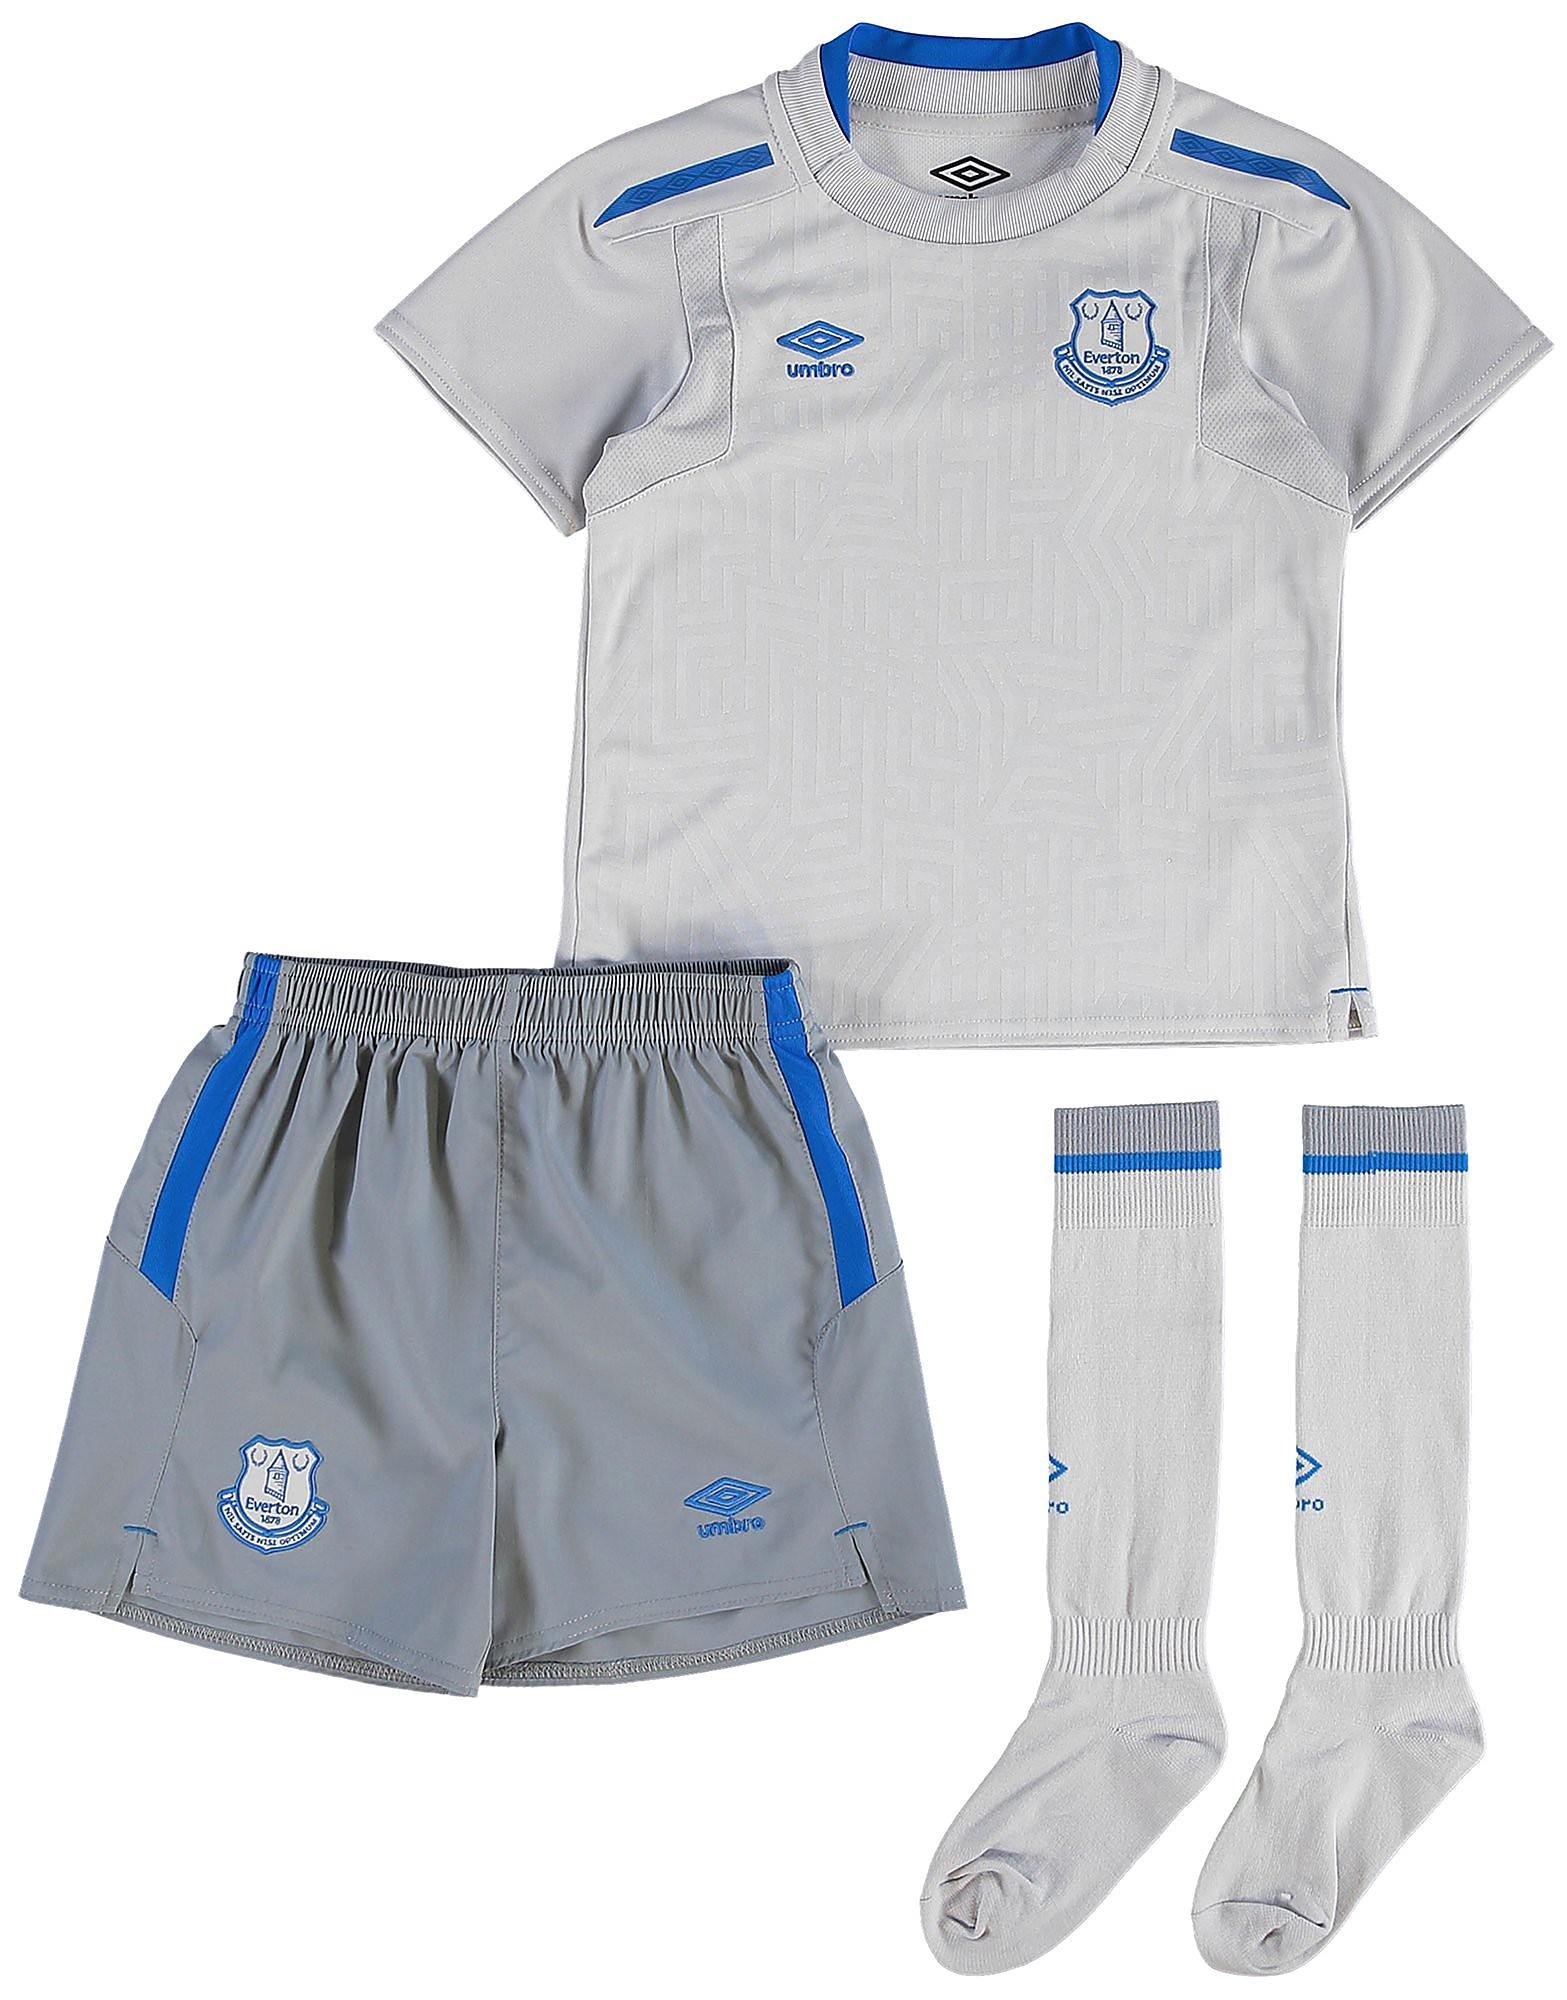 Umbro Everton FC 2017/18 Away Kit Children's